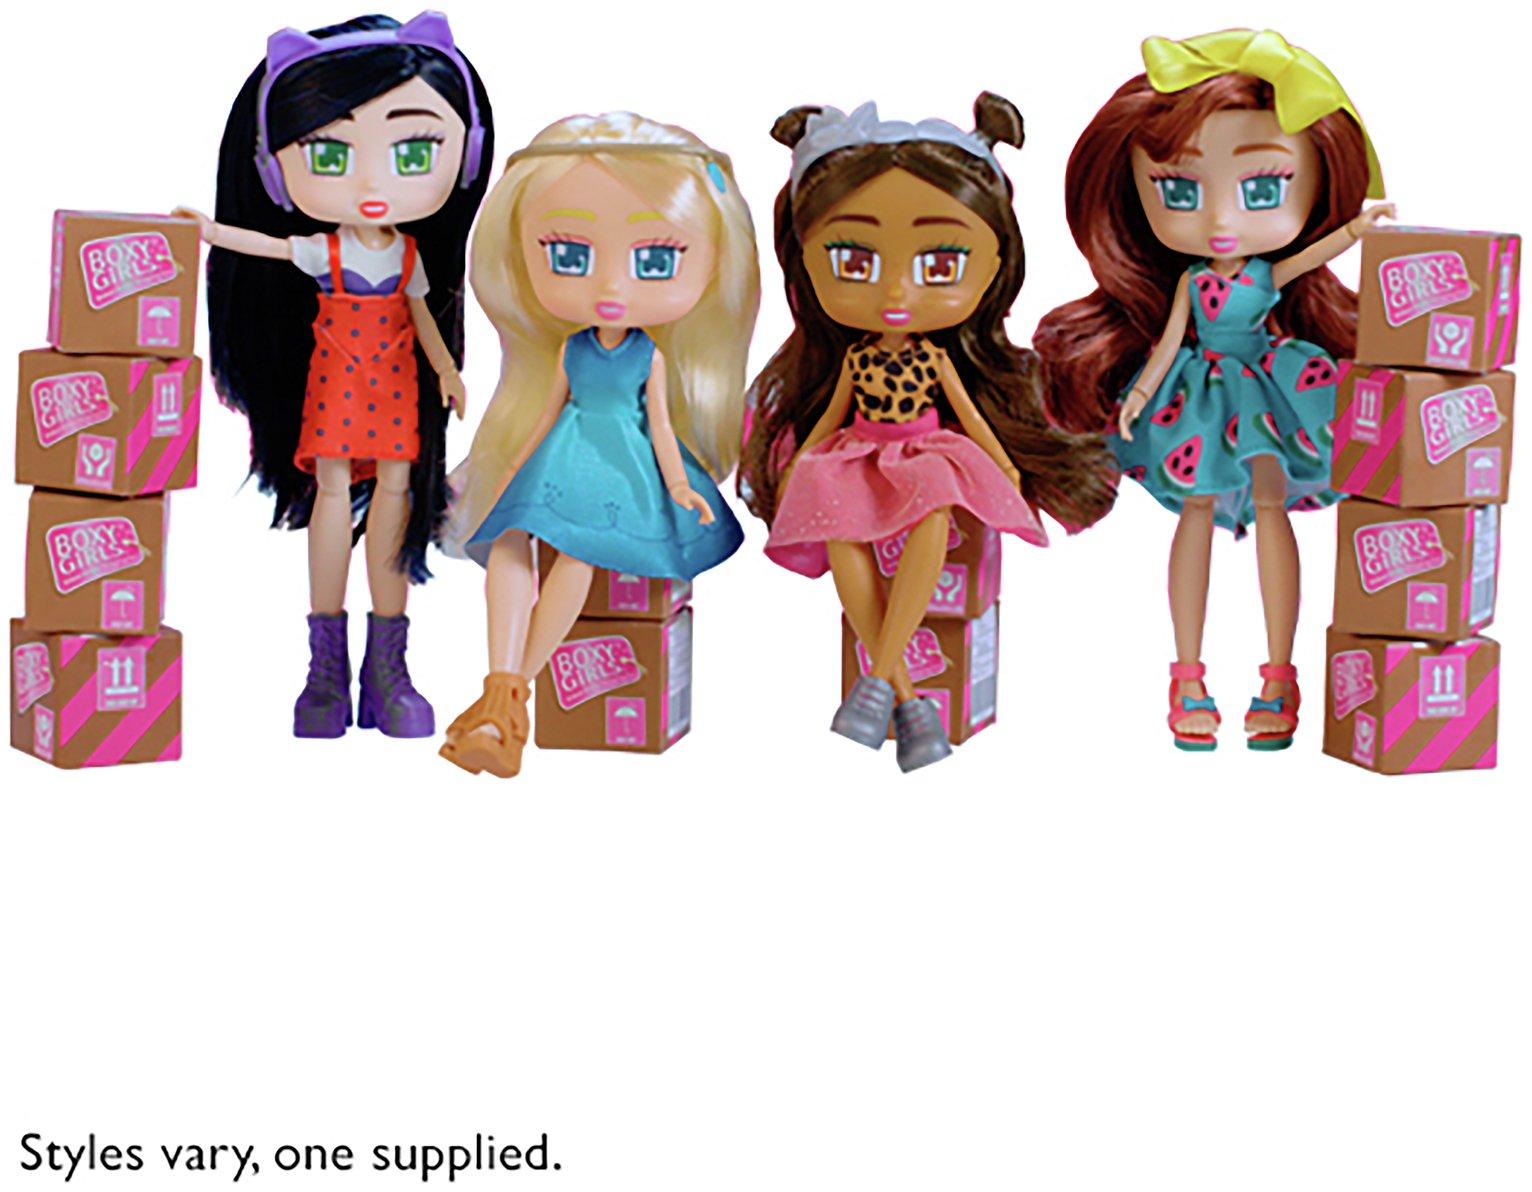 Boxy Girls Assortment